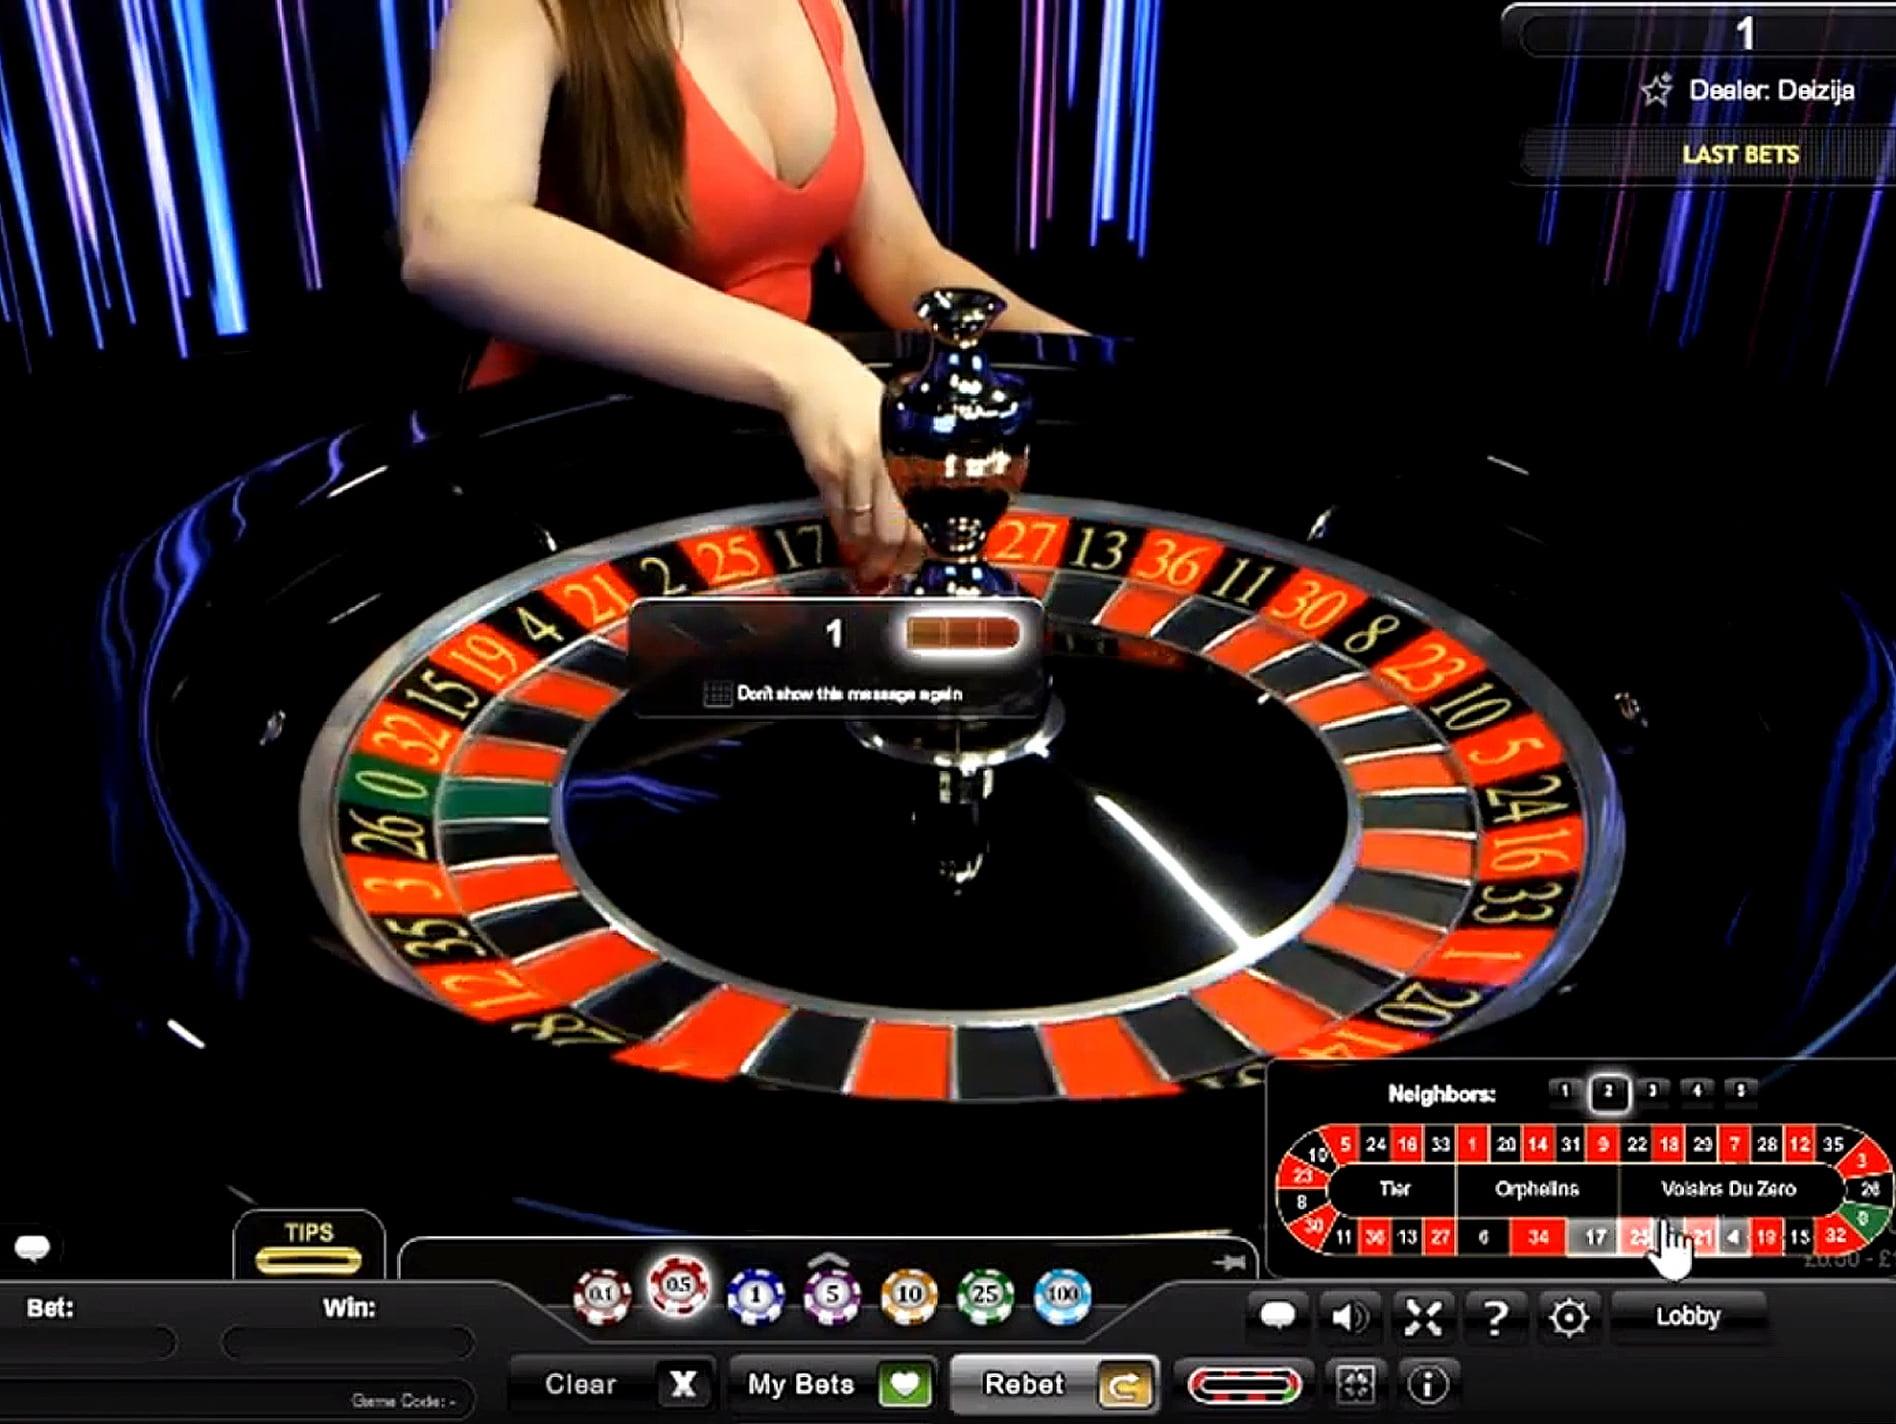 Ruleta en vivo gratis reglas de Juego casino - 76020